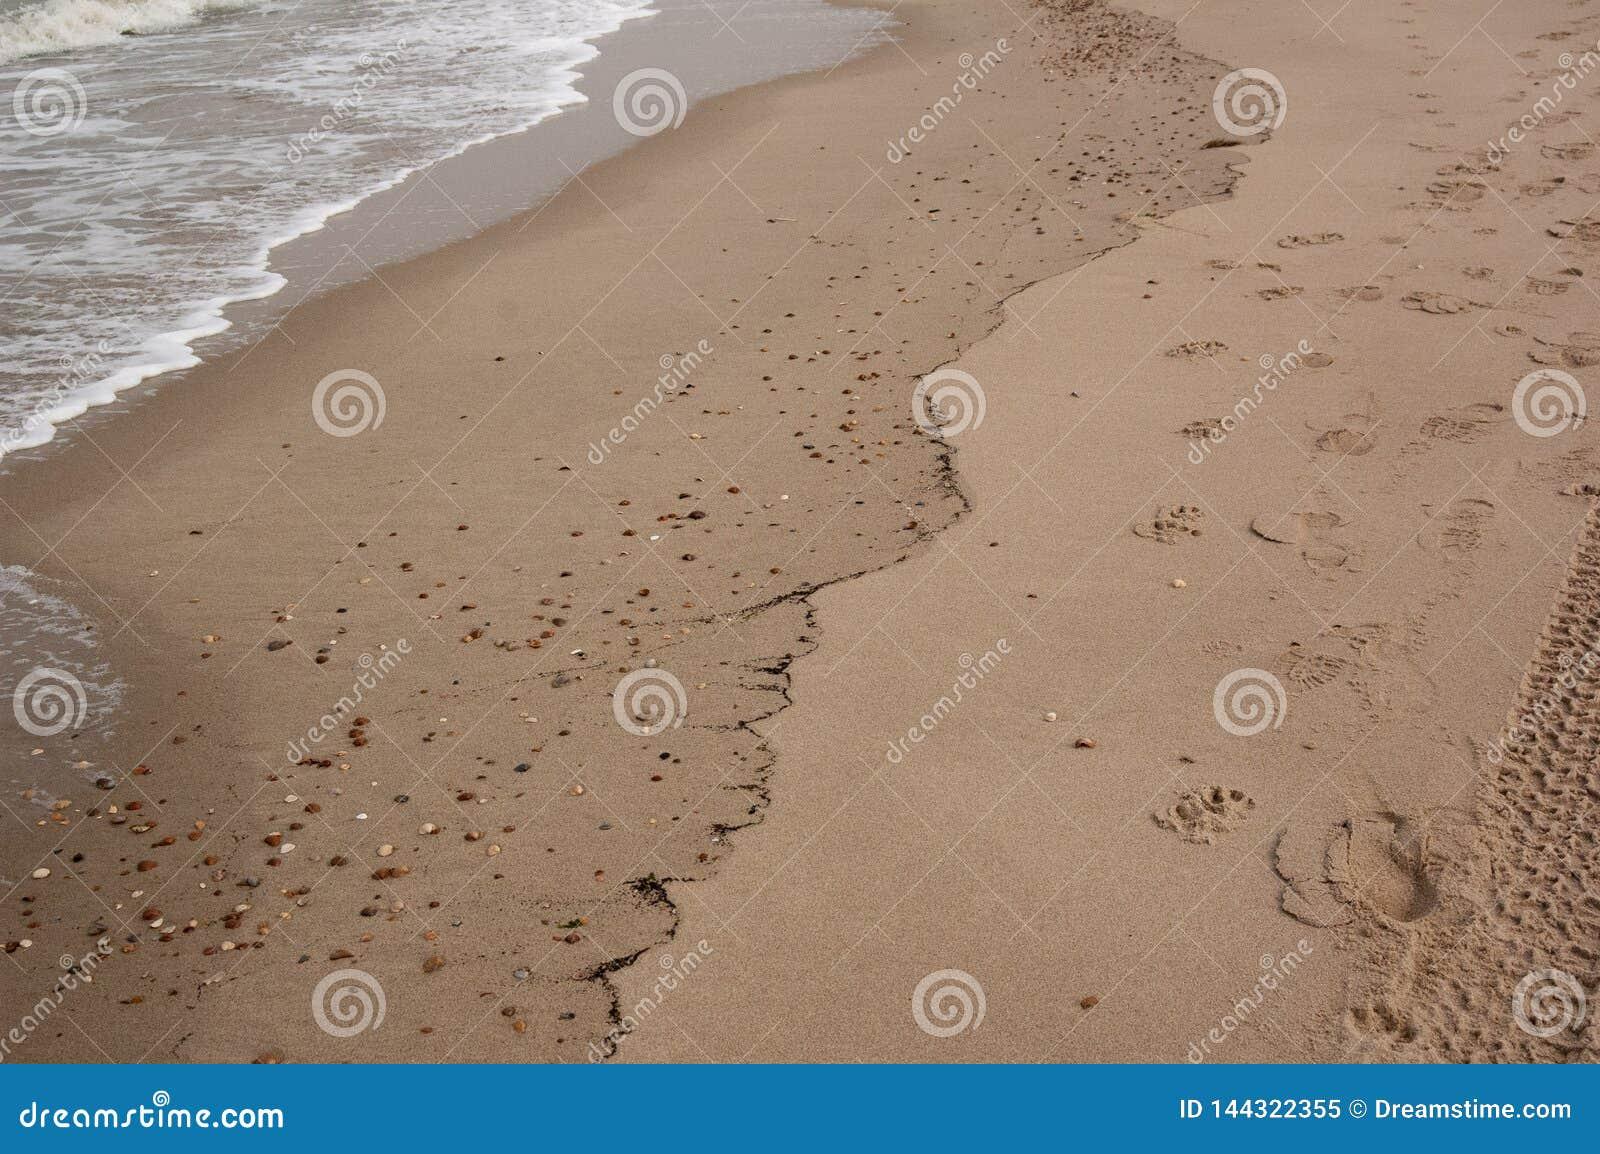 Мягкая красивая океанская волна на песчаном пляже (